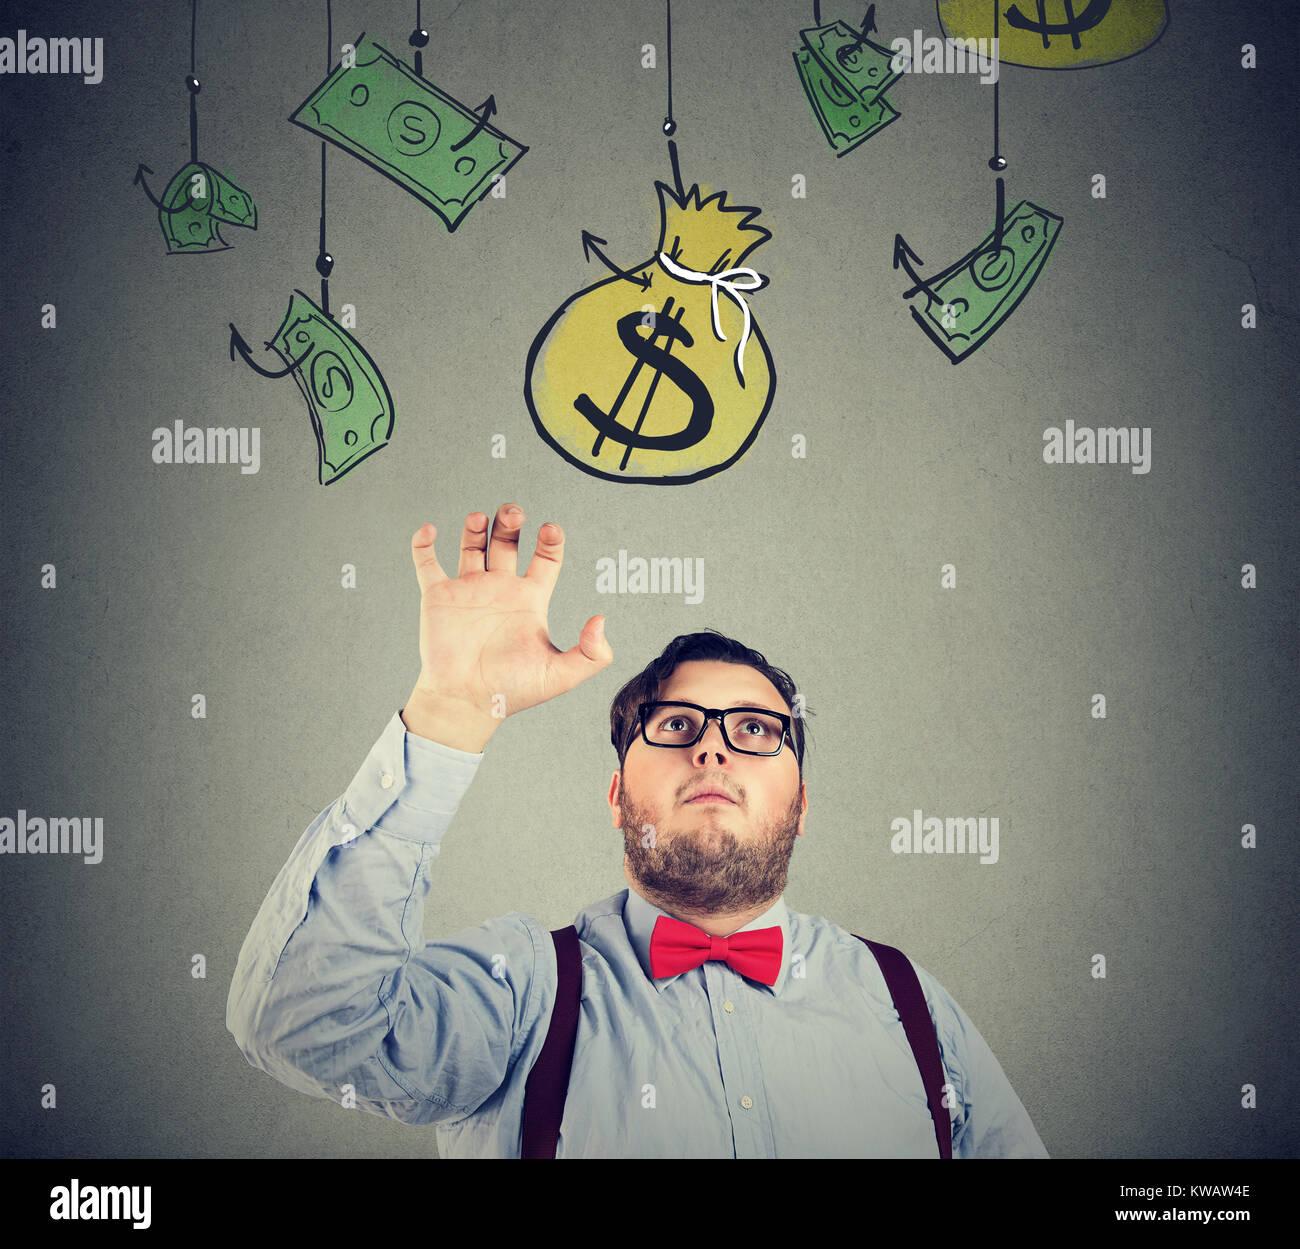 Hombre fornido en ropa formal agarrando el saco de dinero haciendo negocios. Imagen De Stock